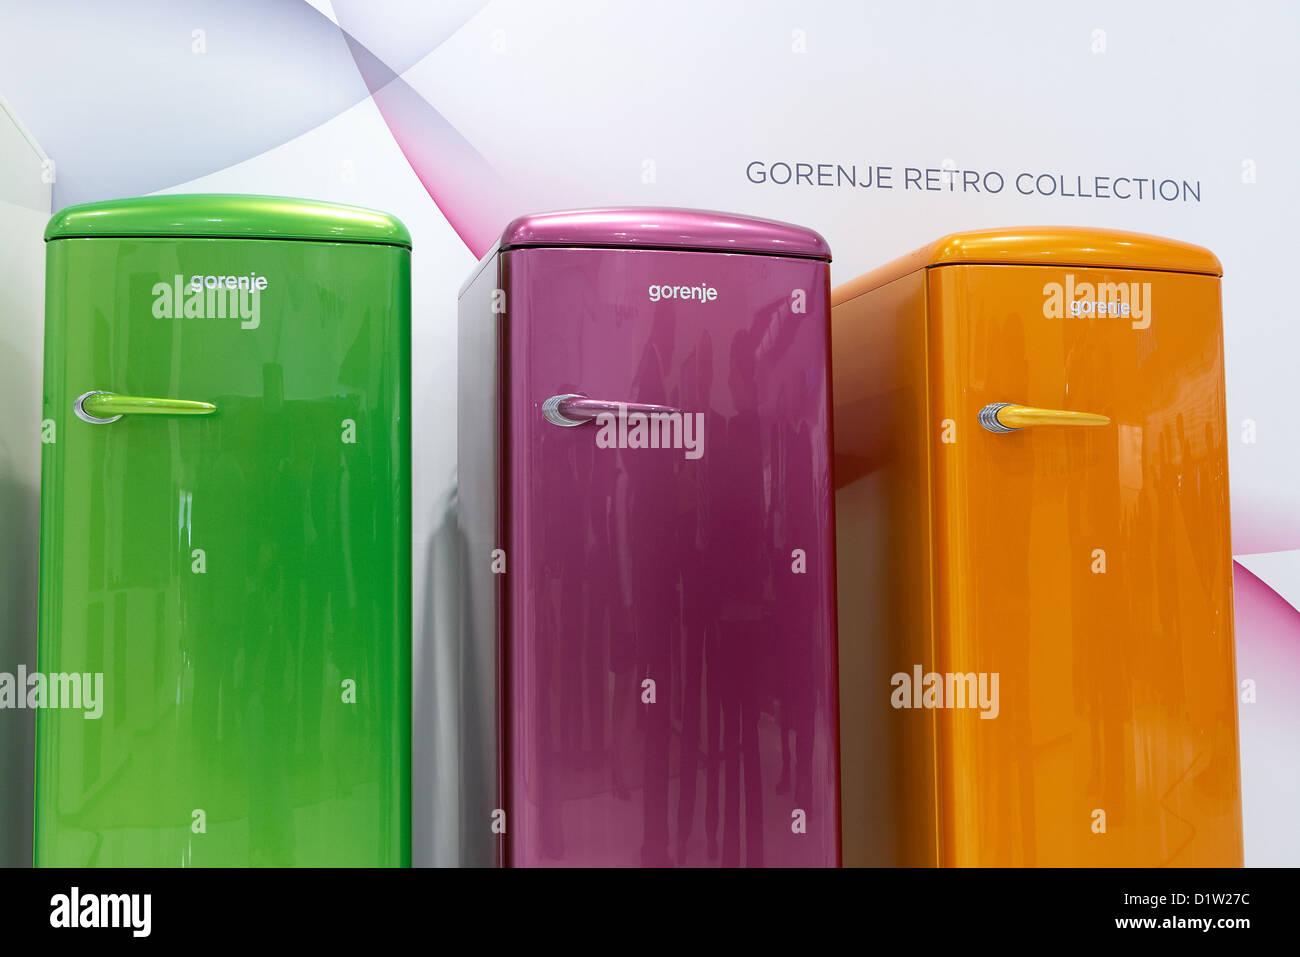 Gorenje Kühlschrank Berlin : Berlin deutschland gorenje zeigt moderne kühlschränke im retro